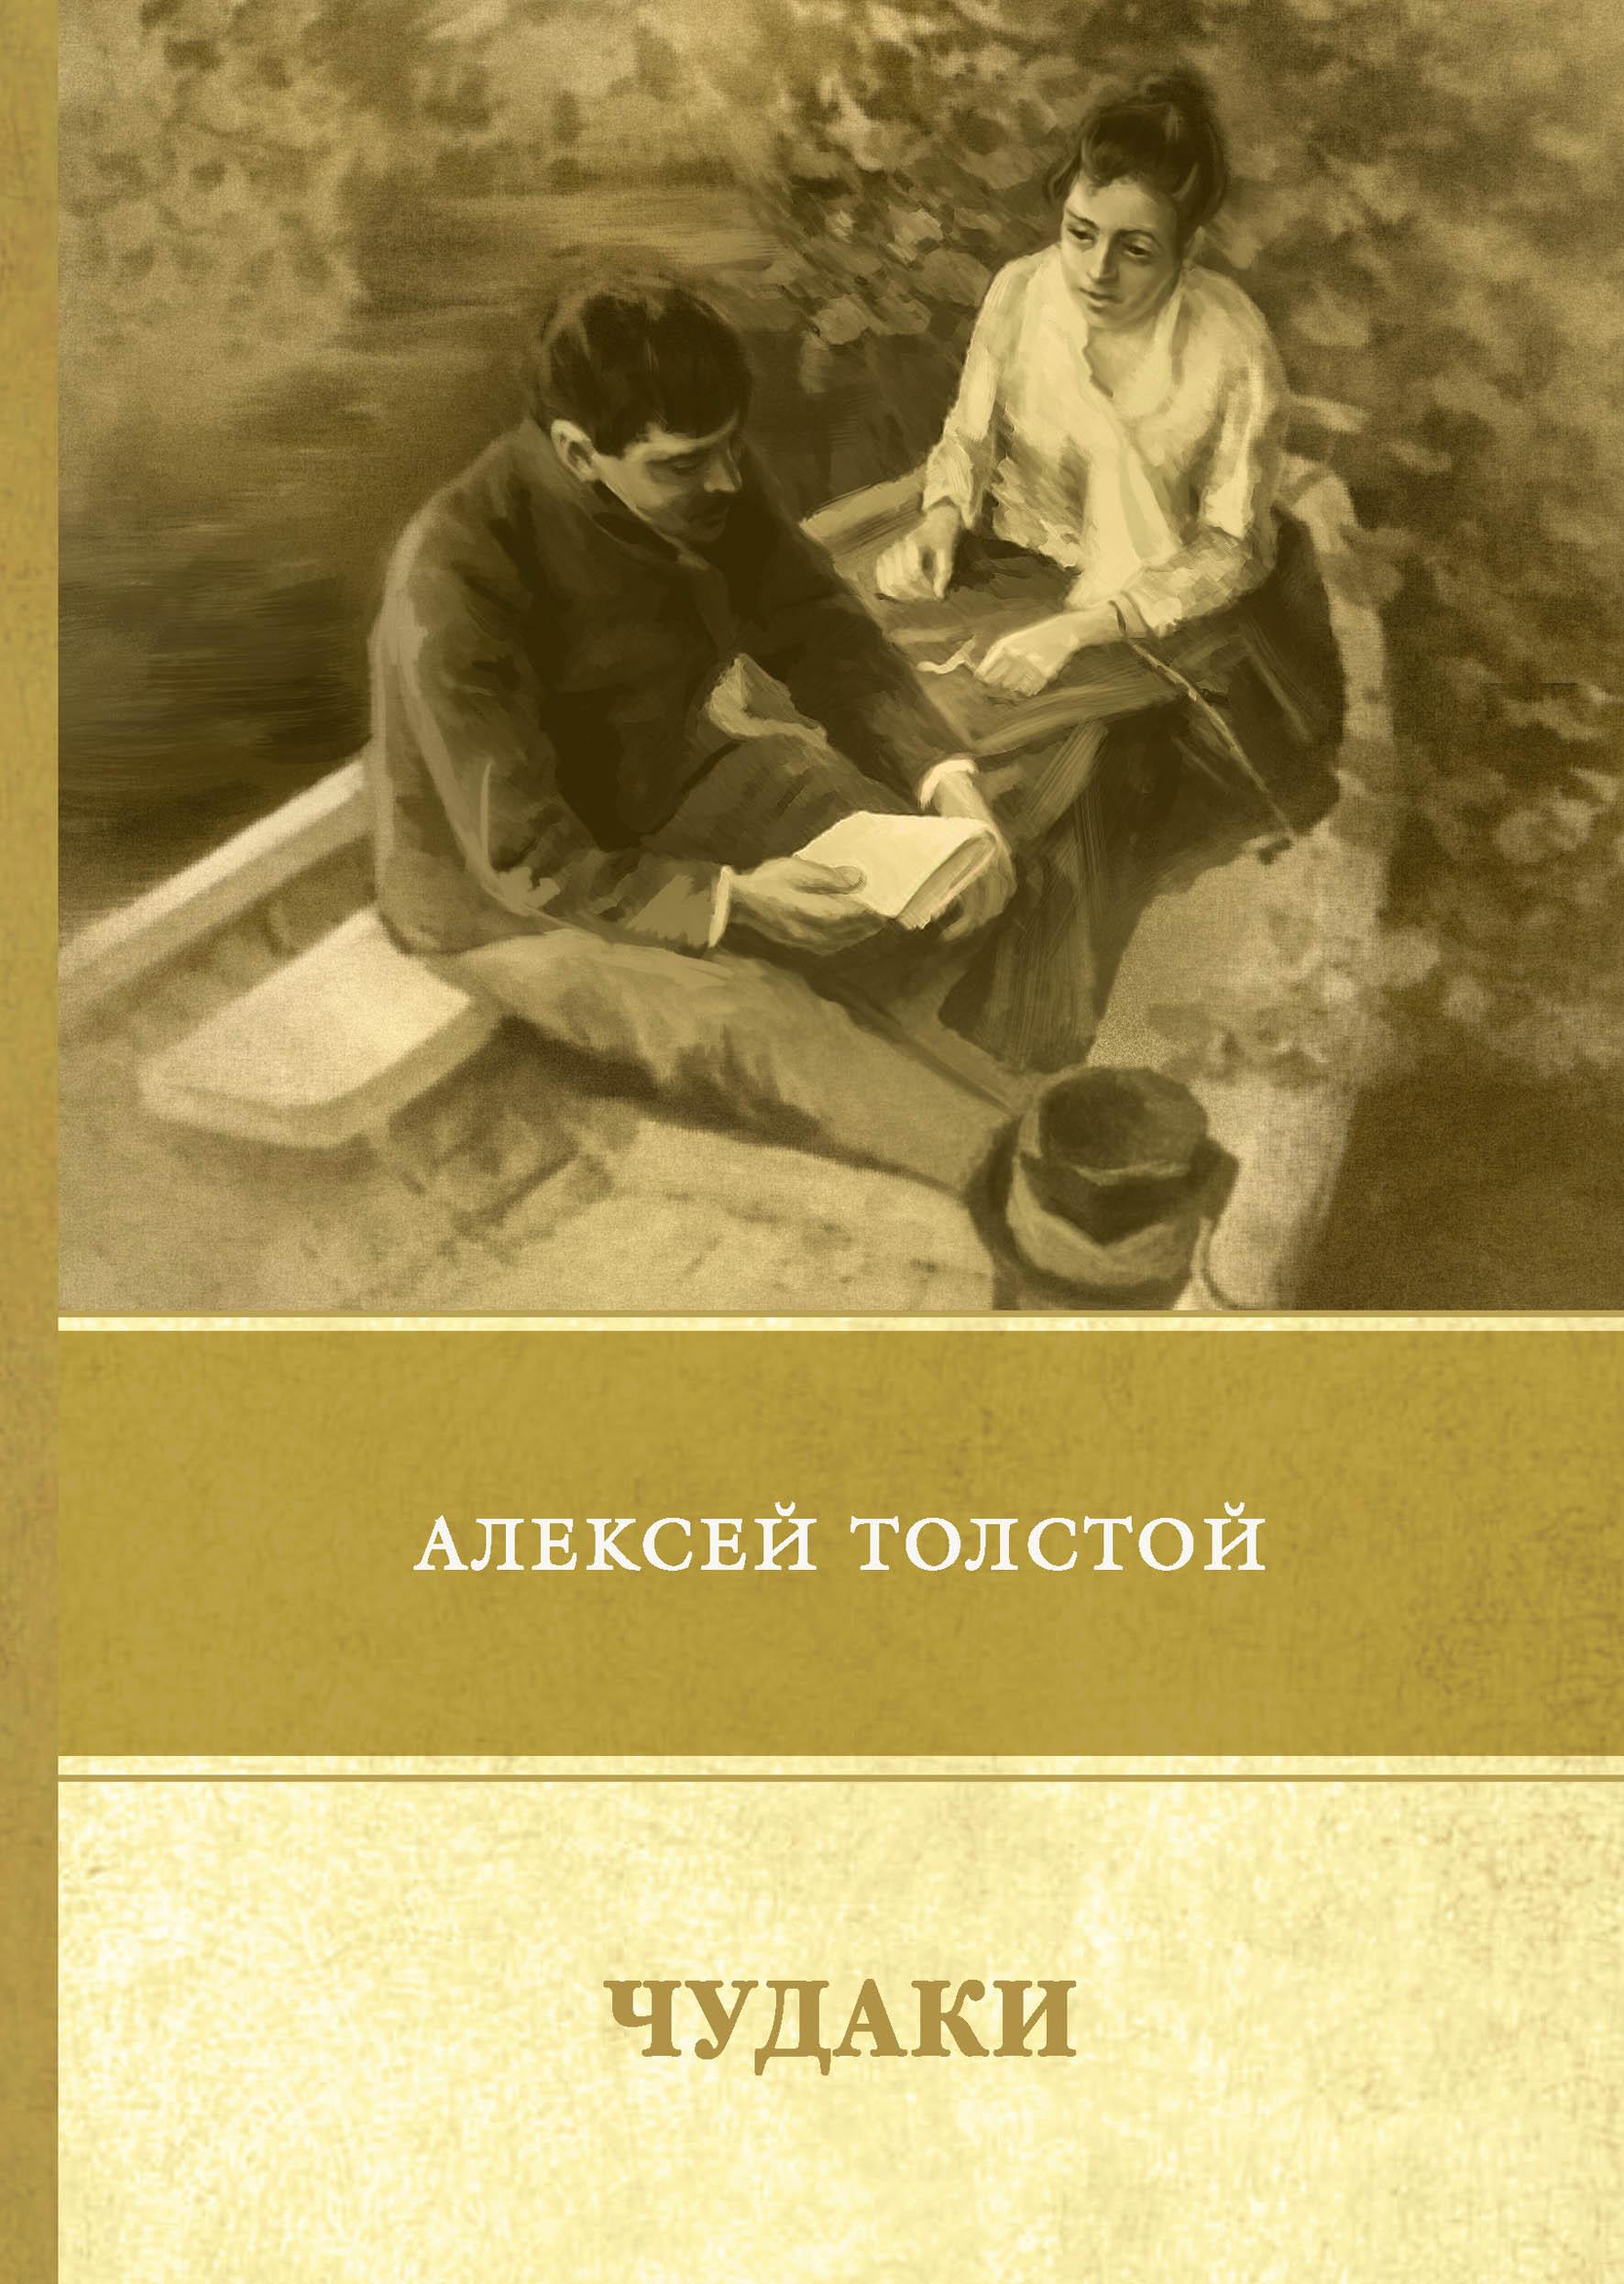 Алексей Толстой Чудаки. Повести и рассказы. 1917-1924